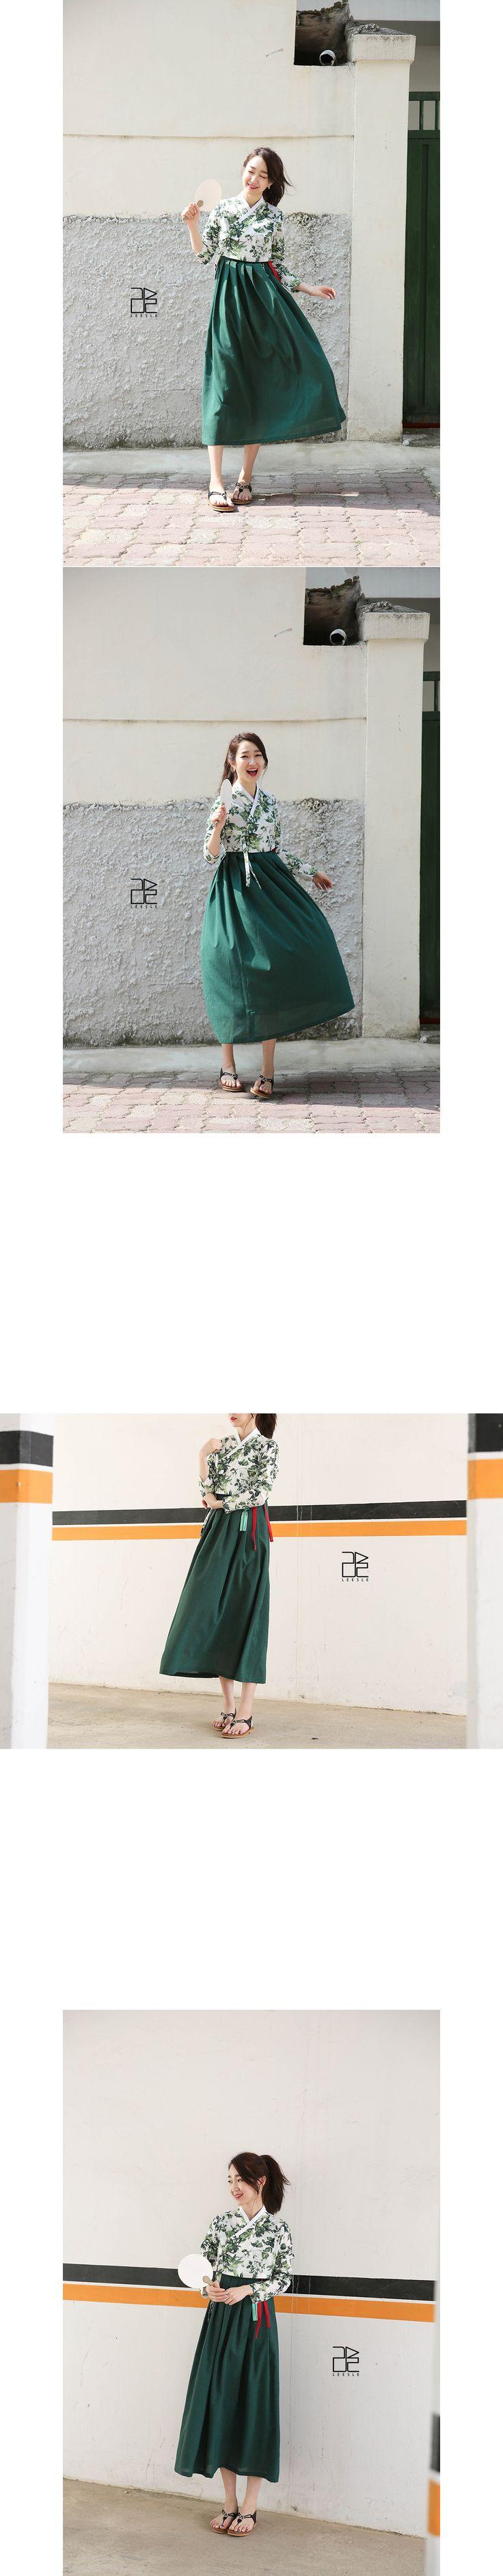 홑겹으로 제작한 여름용 저고리 리슬한복 @kyulcs for more Korean hanbok